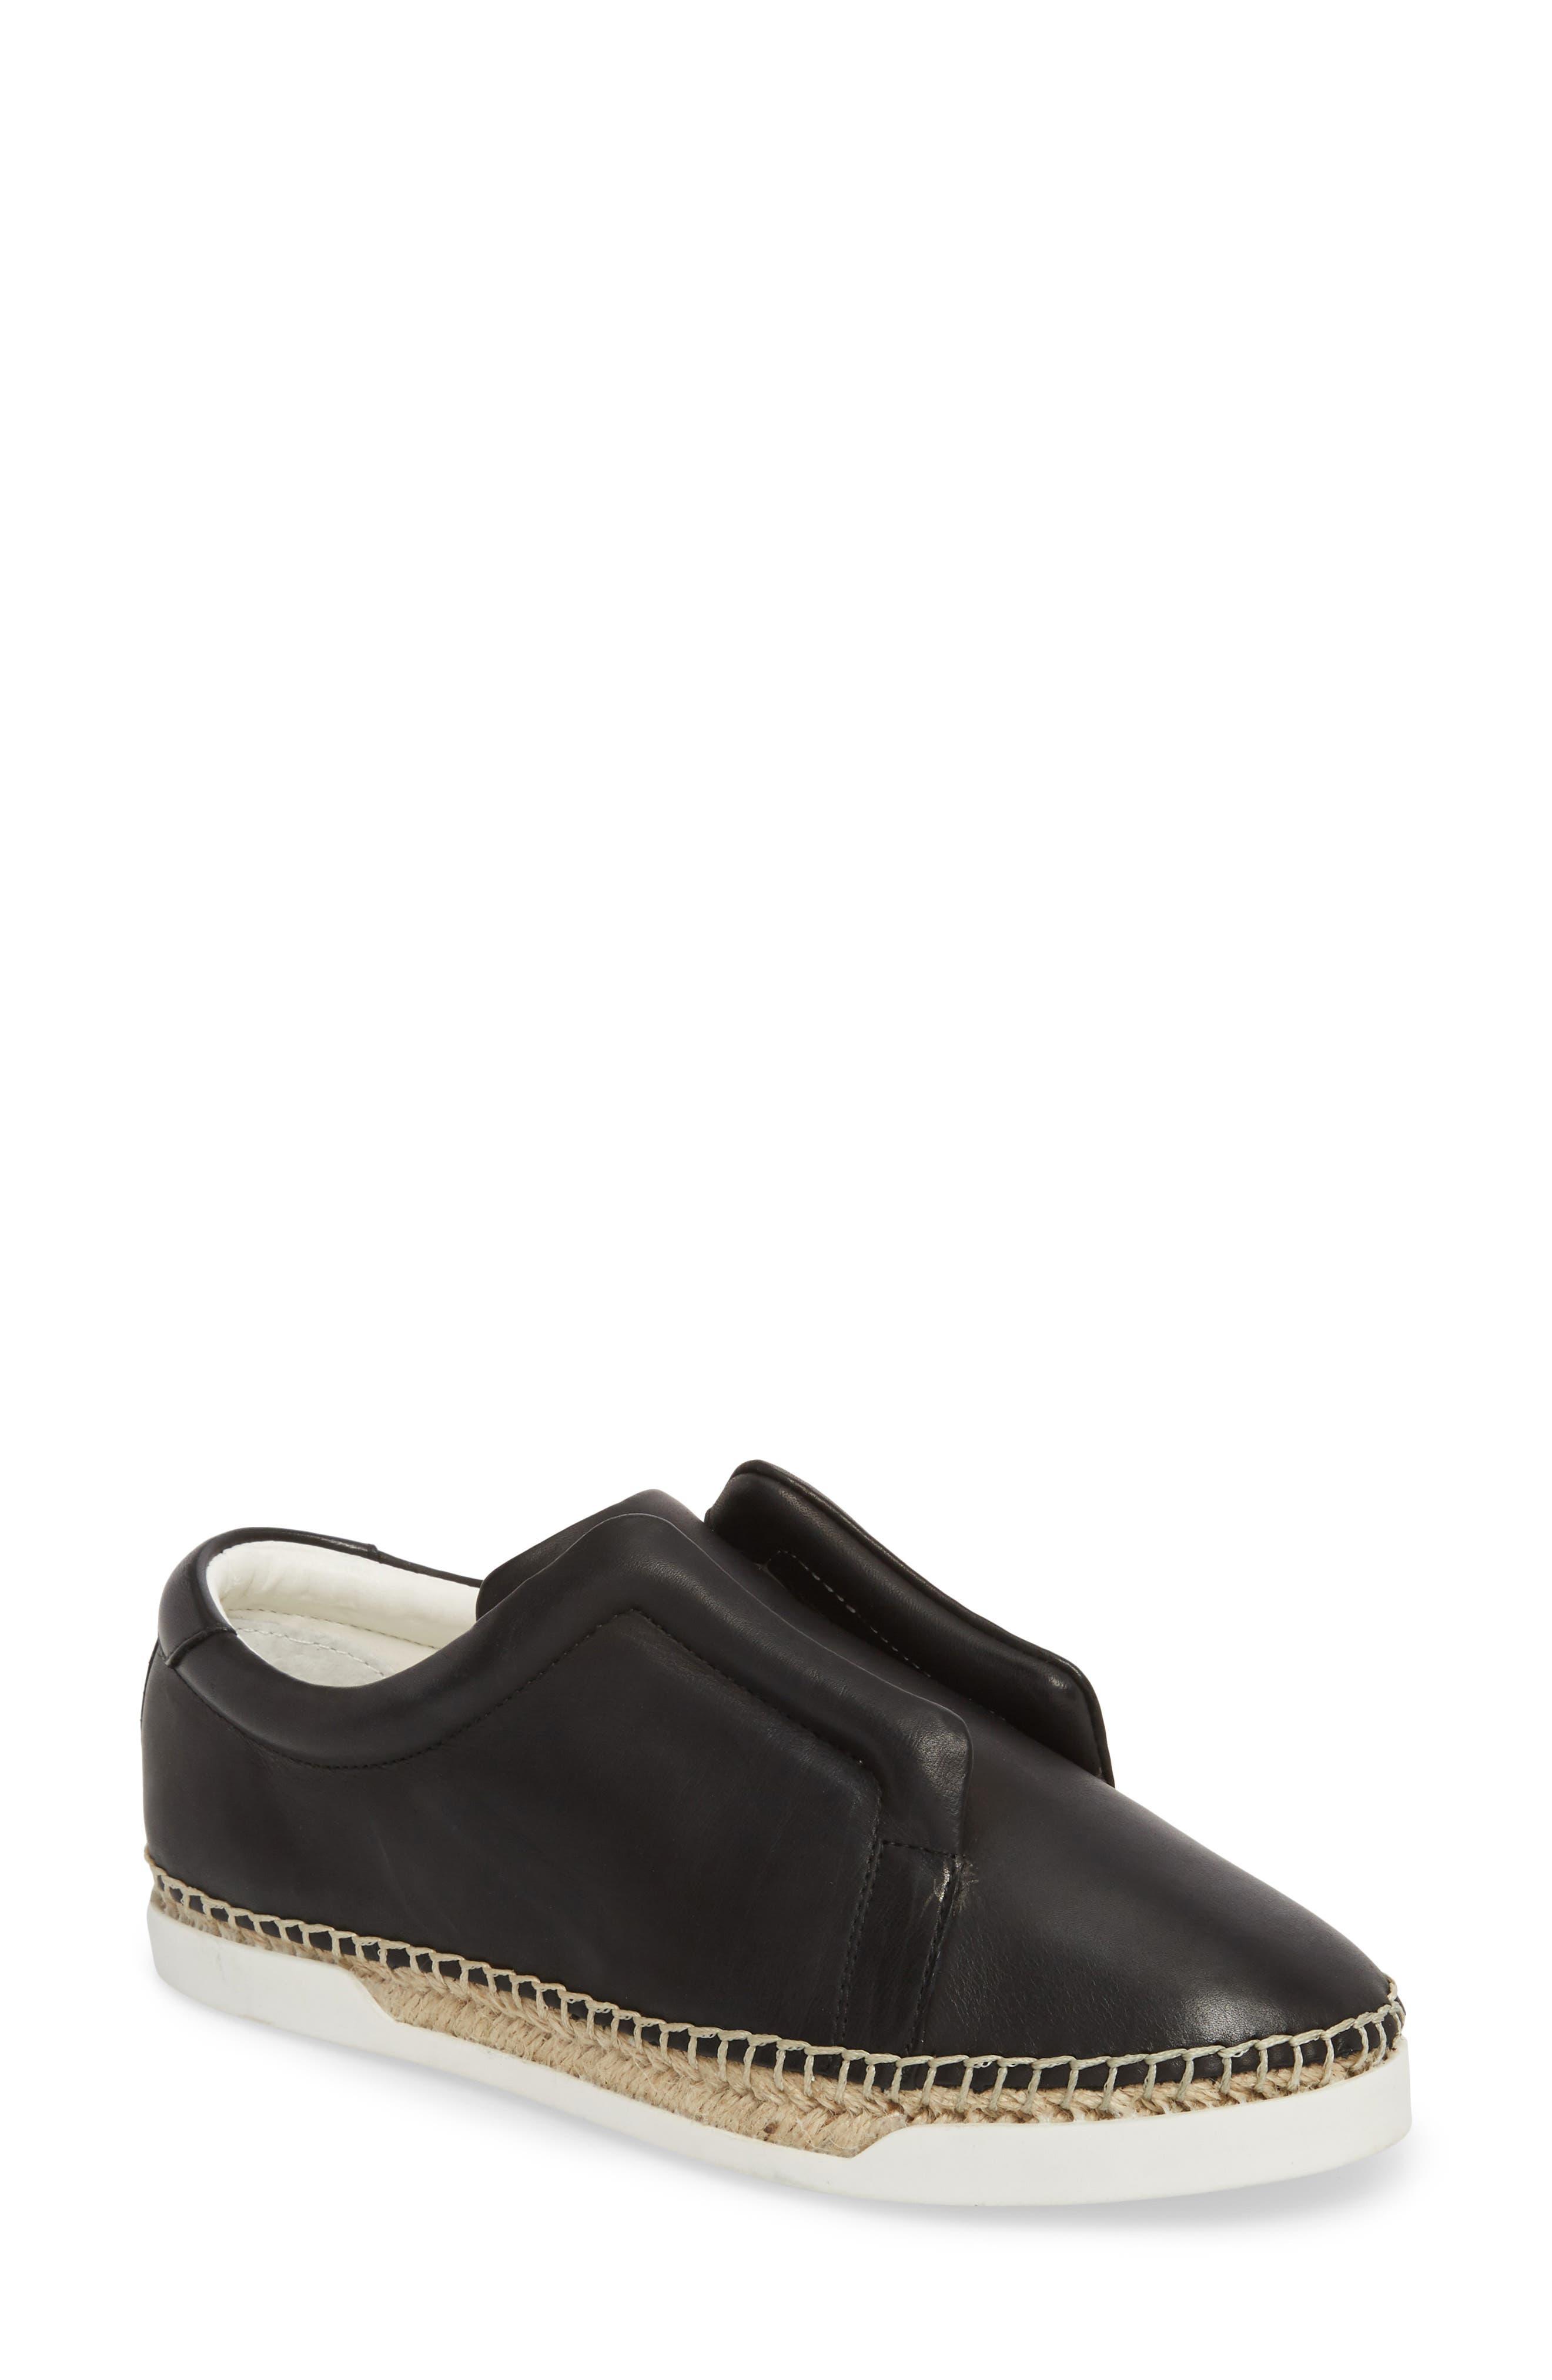 Elizabeth Espadrille Slip-On Sneaker, Main, color, BLACK LEATHER